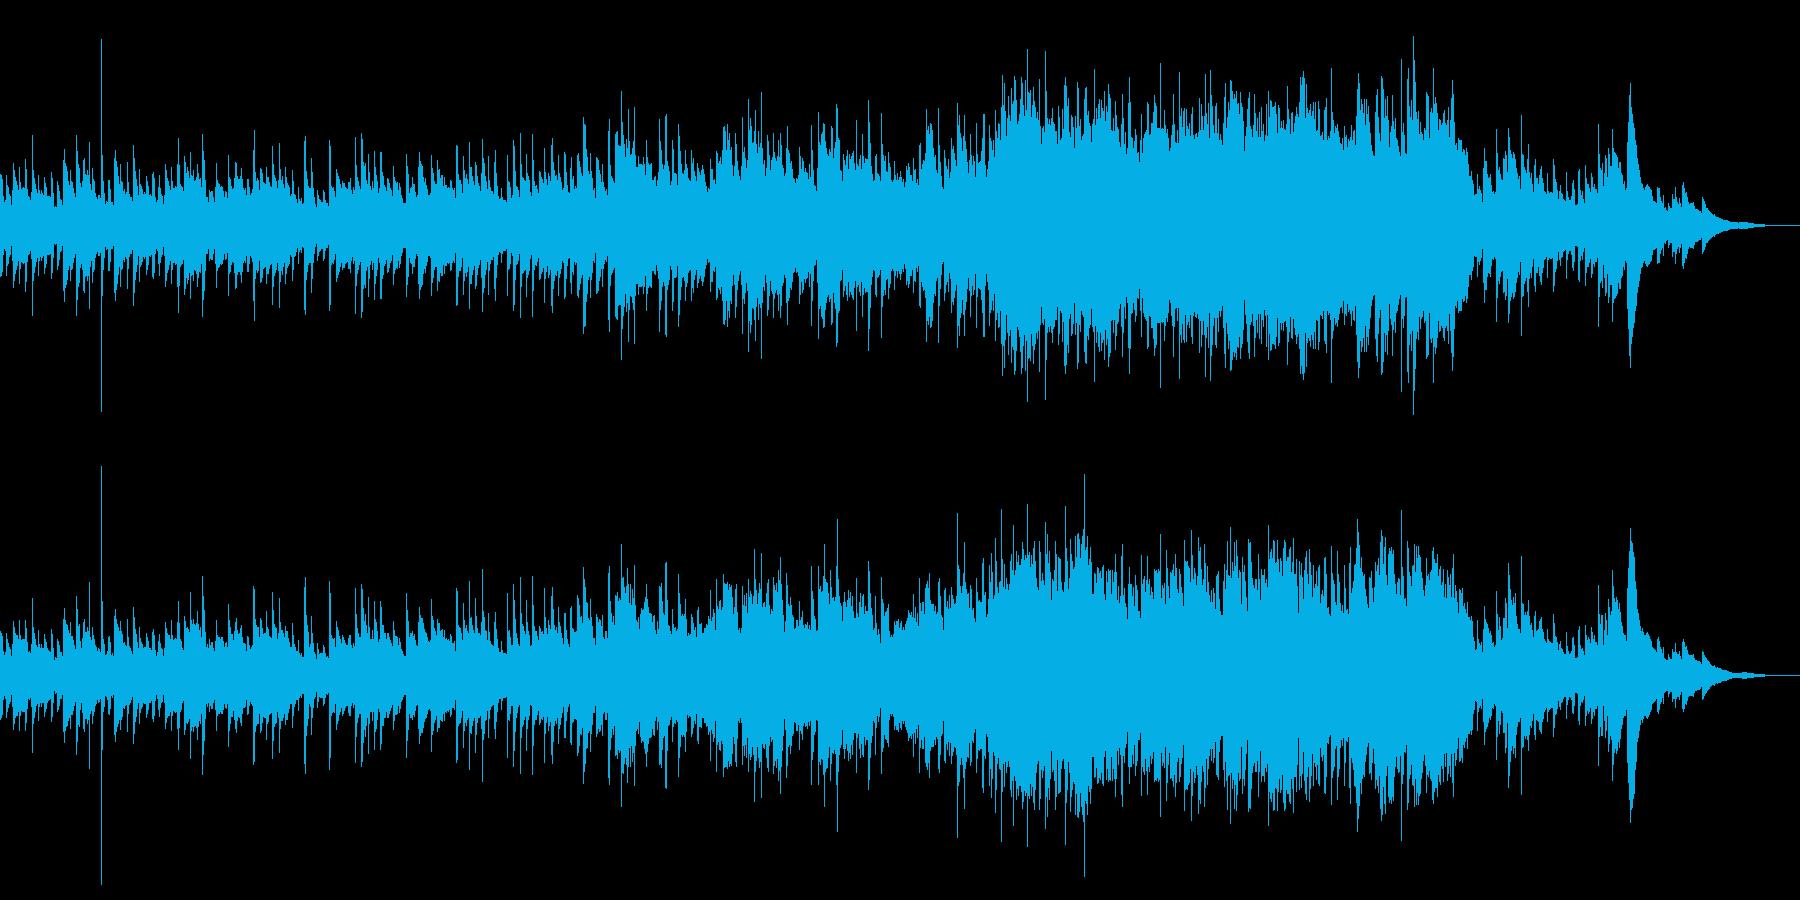 アコギと弦楽器の優しくて穏やかな曲の再生済みの波形